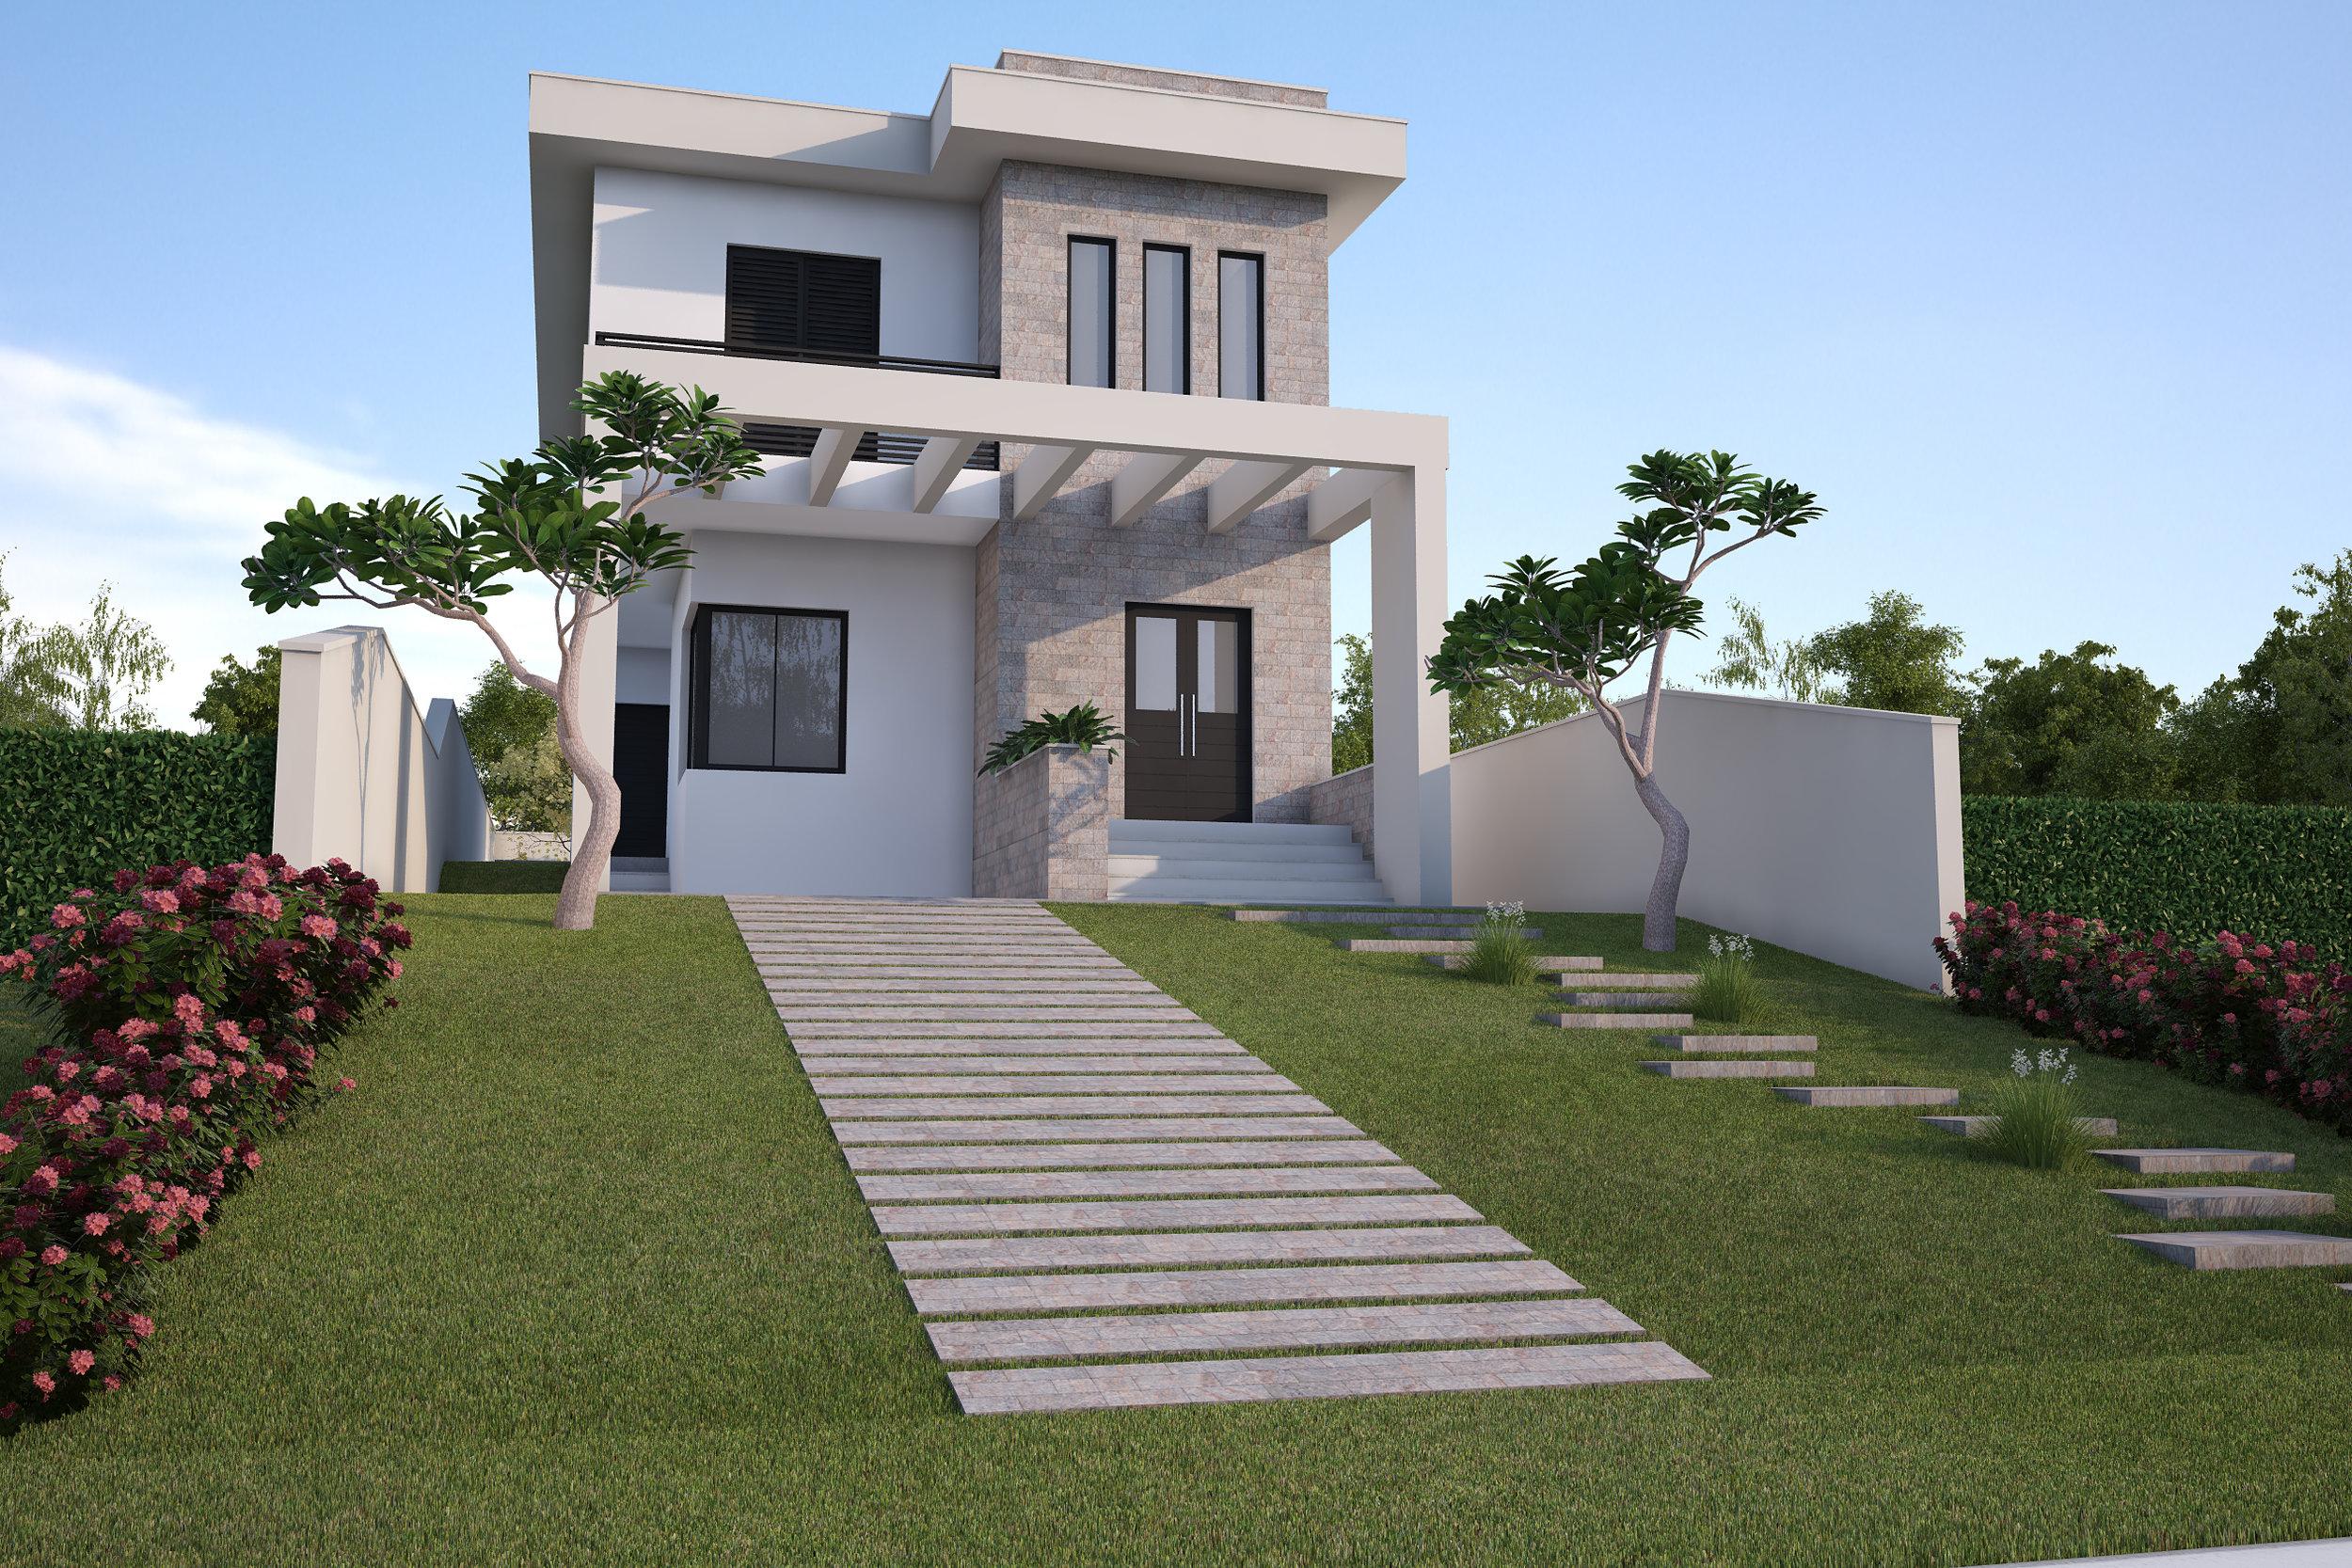 Elevação Principal  Residência Itaí - Itaí / SP - 140 m2  Projeto: Madi Arquitetura & Design  Imagem: Hugo Alexandre